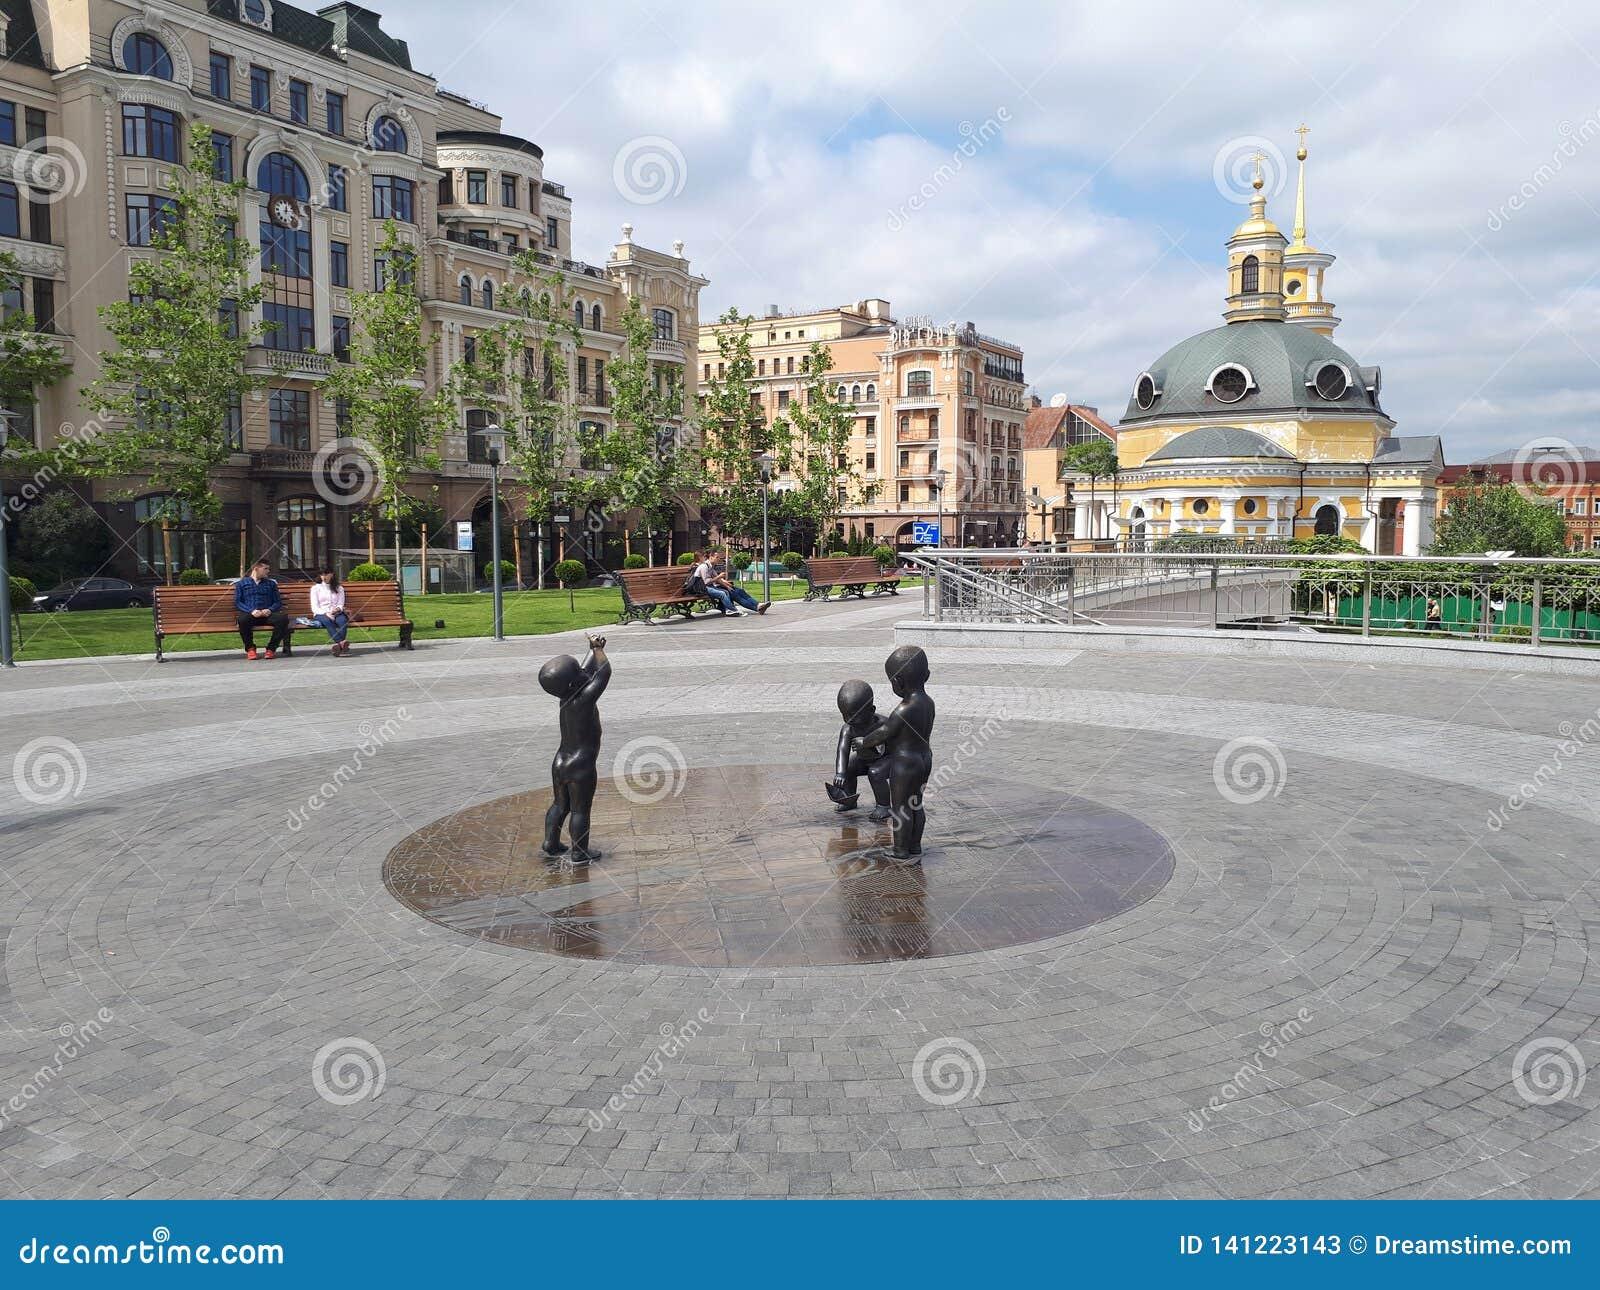 """Kyiv Postova teren  КиеРР² ПР¾ Ñ ‡ Ñ 'Ð ¾ Ð ² Ð°Ñ  Ð ¿"""" Ð ¾ Ñ ‰ аРь"""